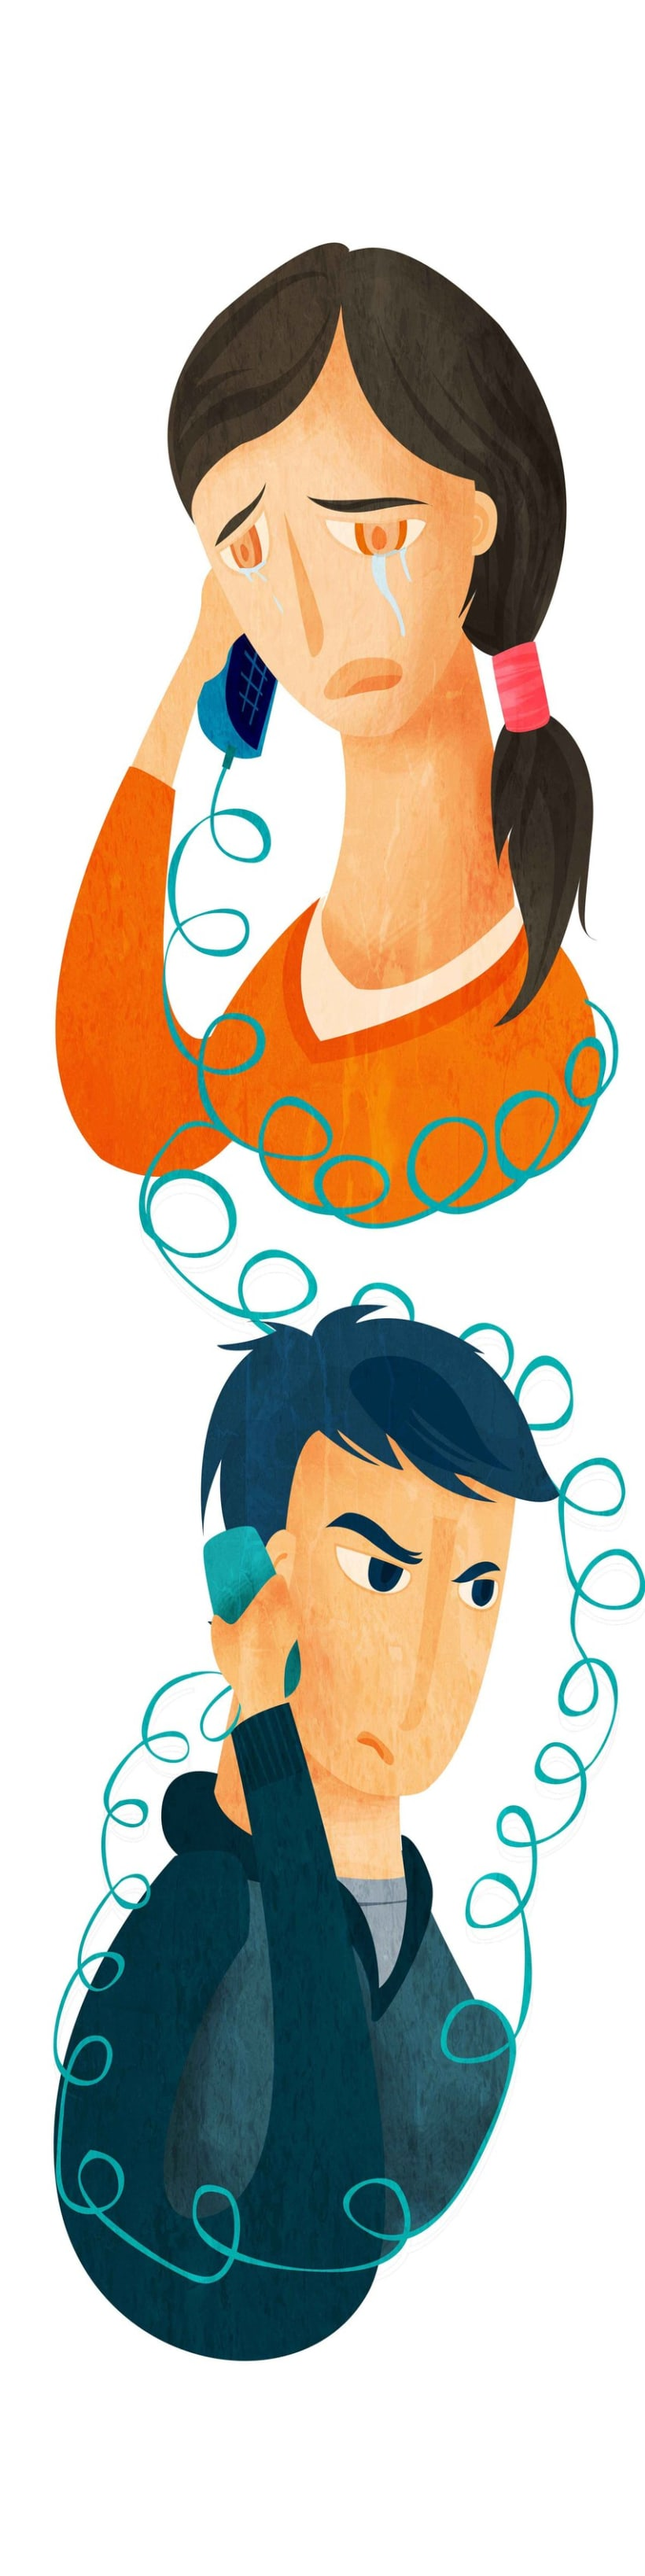 Ilustraciones editoriales 6